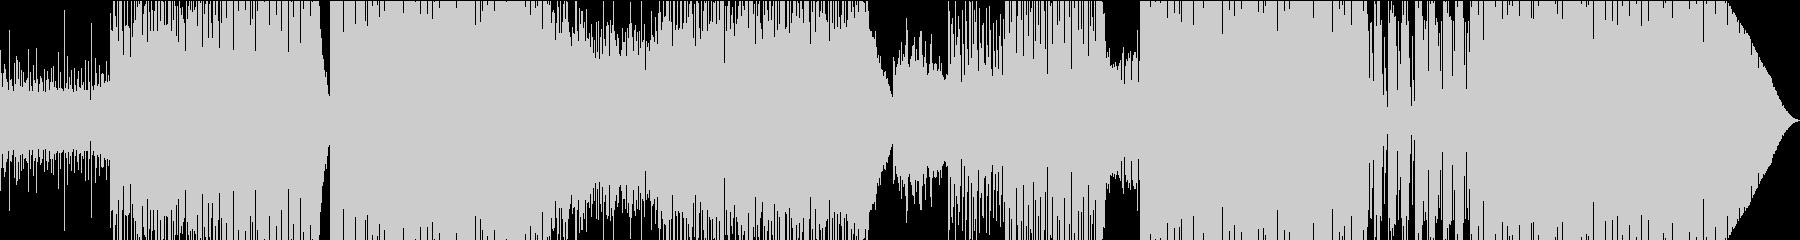 洋楽系ファンキーな女性ボイスのEDMの未再生の波形